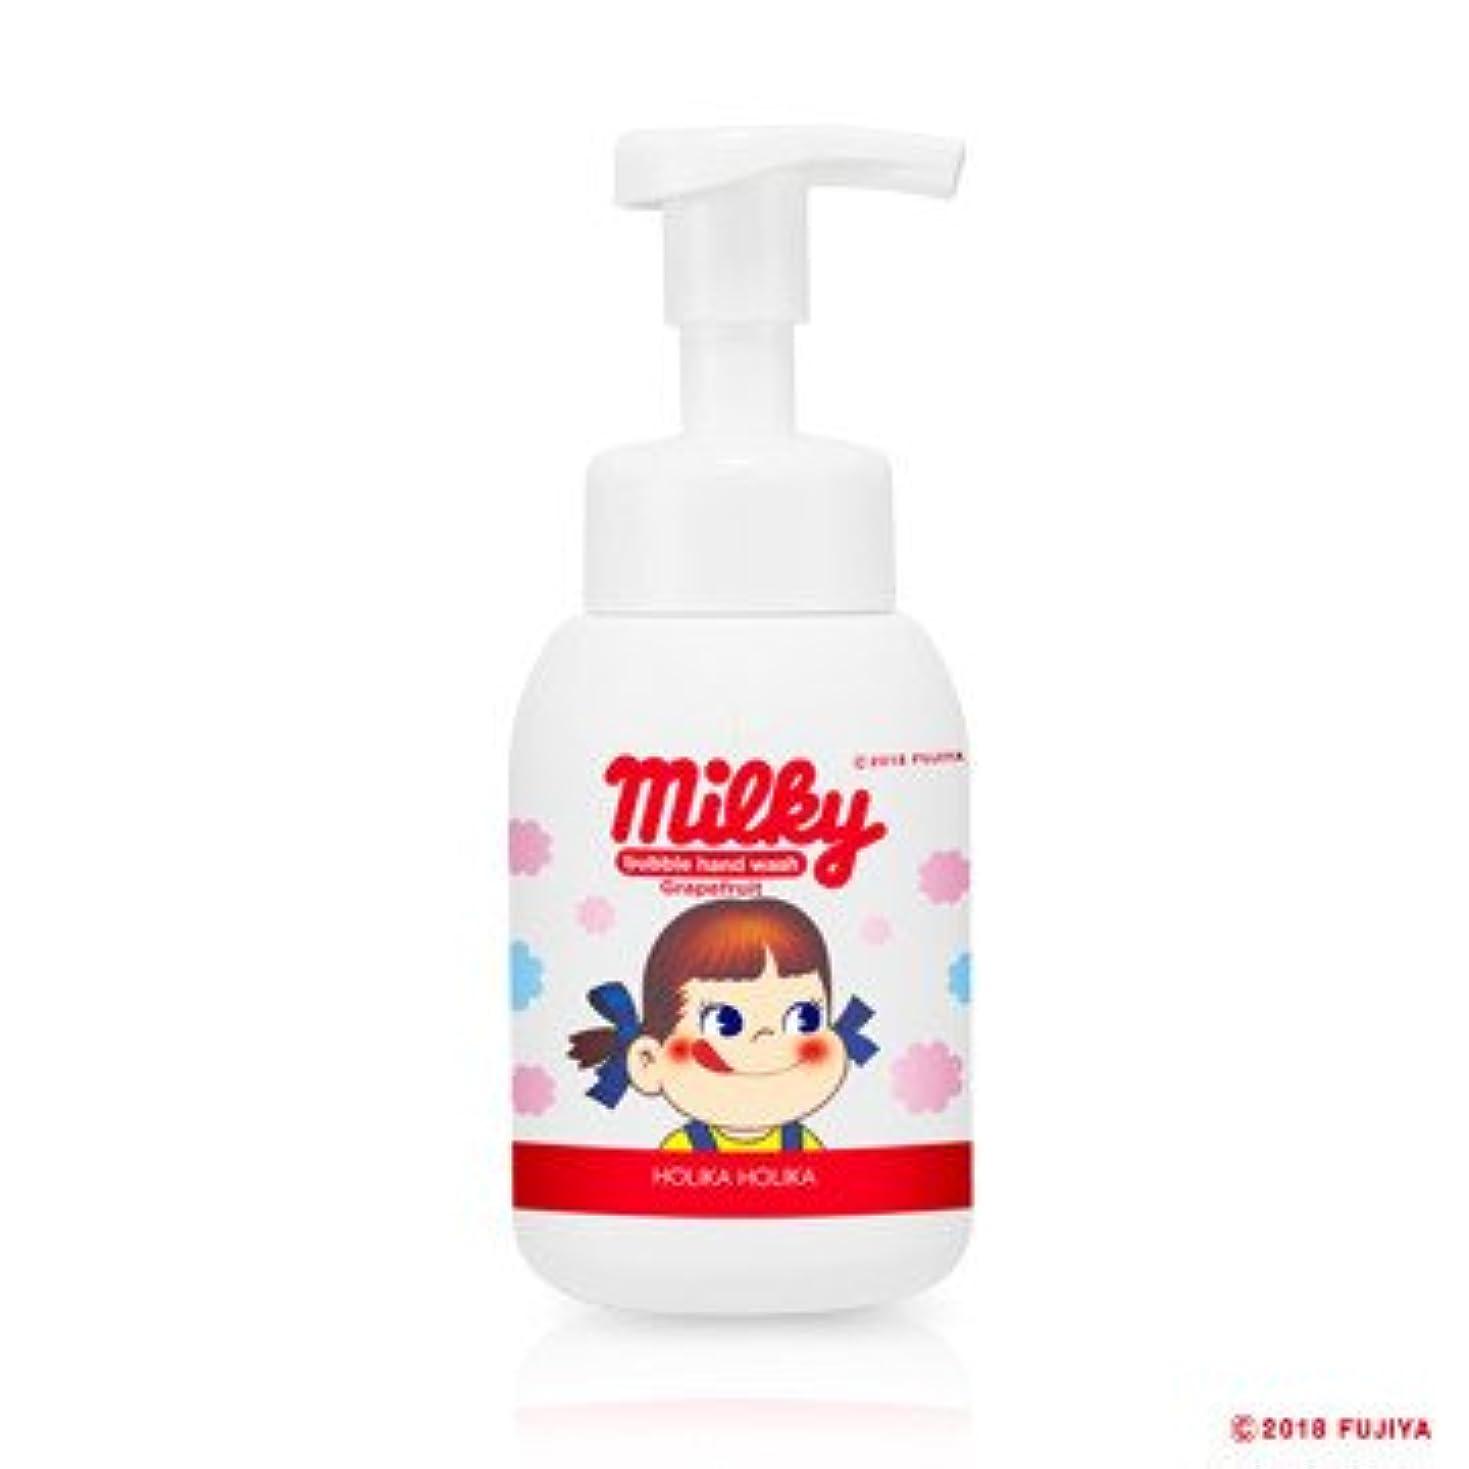 完了憂鬱なおっとHolika Holika [Sweet Peko Edition] Bubble Hand Wash/ホリカホリカ [スイートペコエディション] バブルハンドウォッシュ 250ml [並行輸入品]